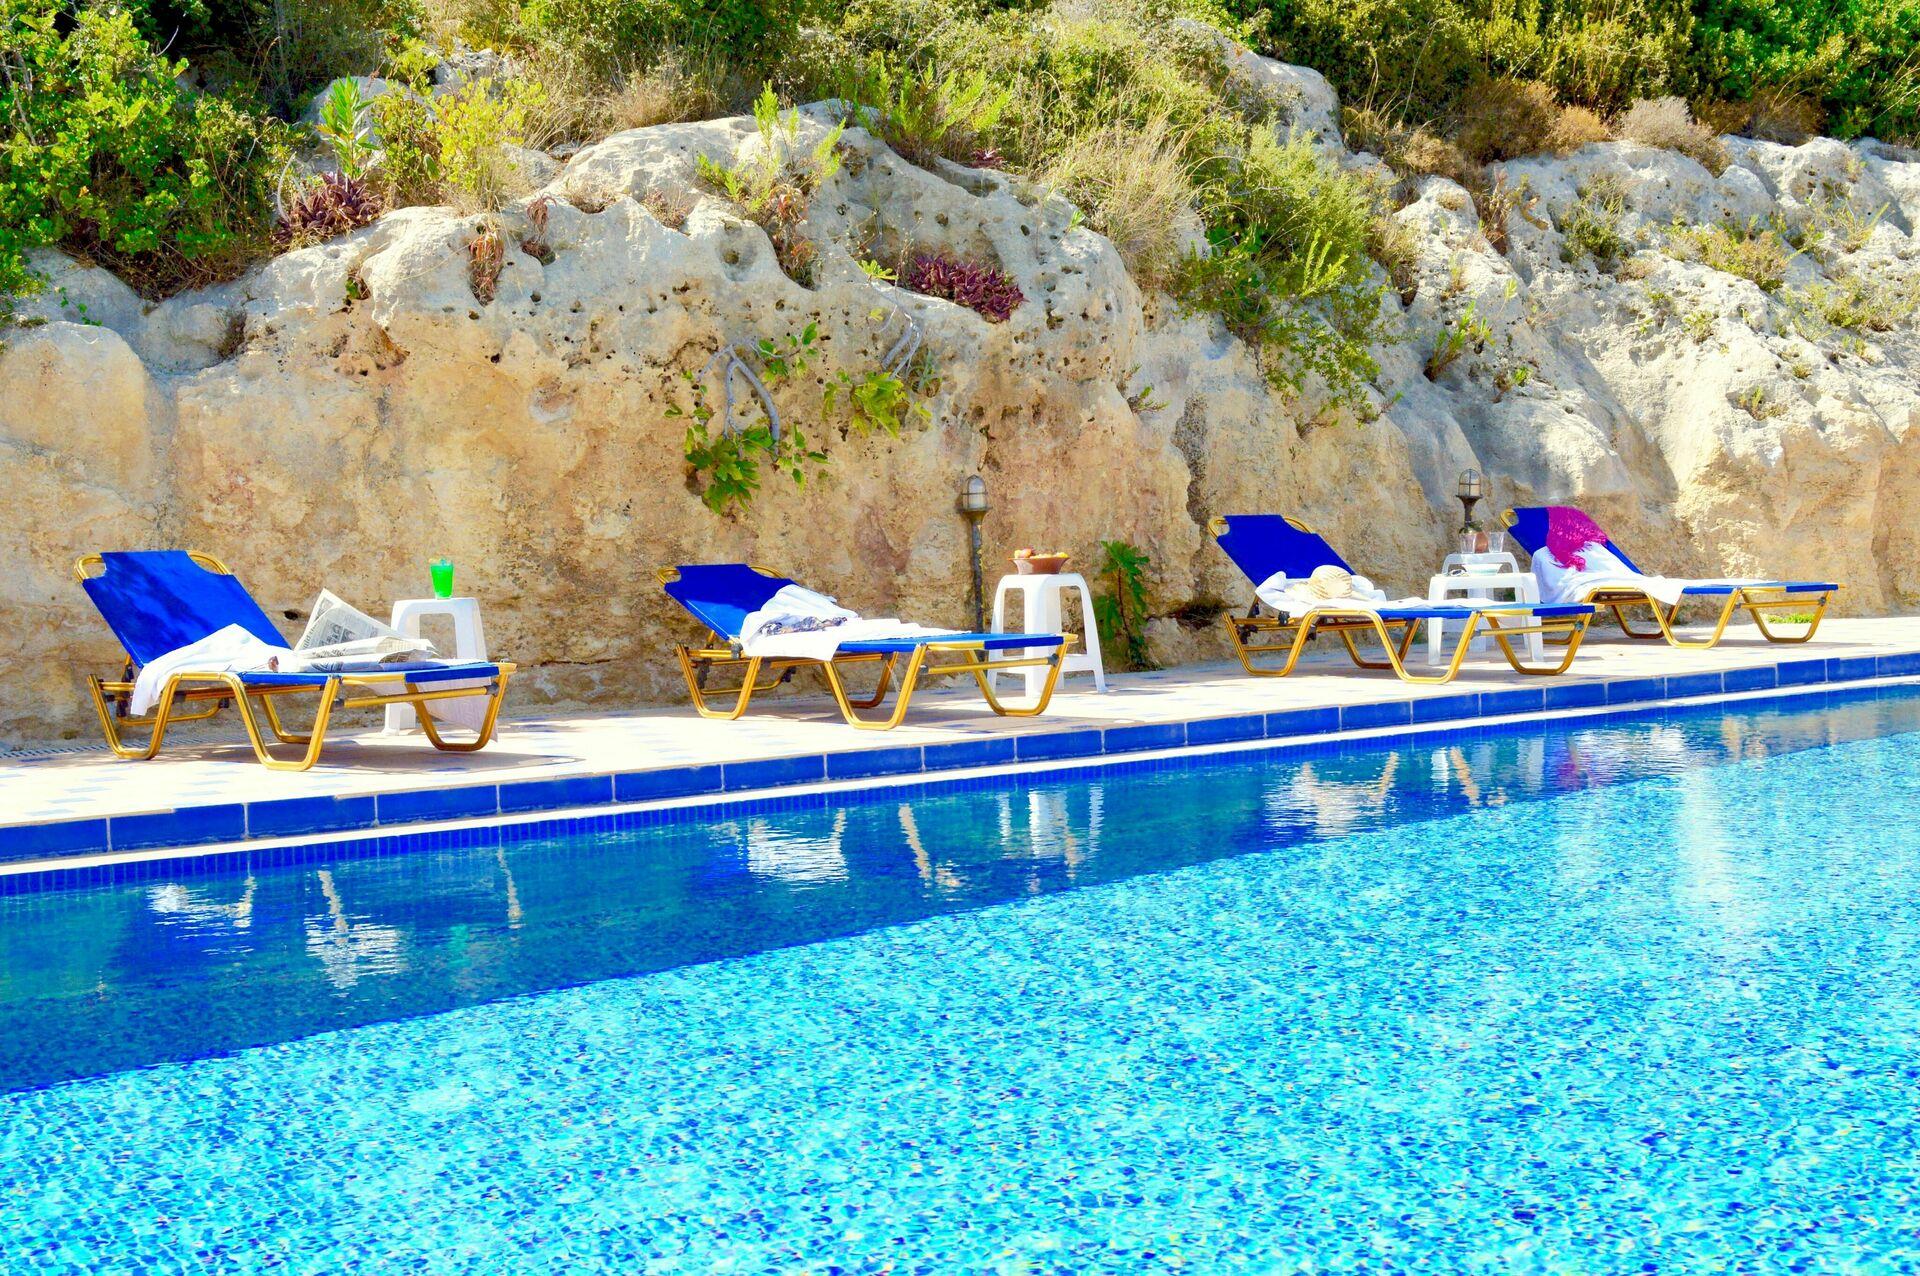 Vakantiehuis 12 Slaapkamers ~ Ideeën Voor Huis Ontwerp Ideeën en ...